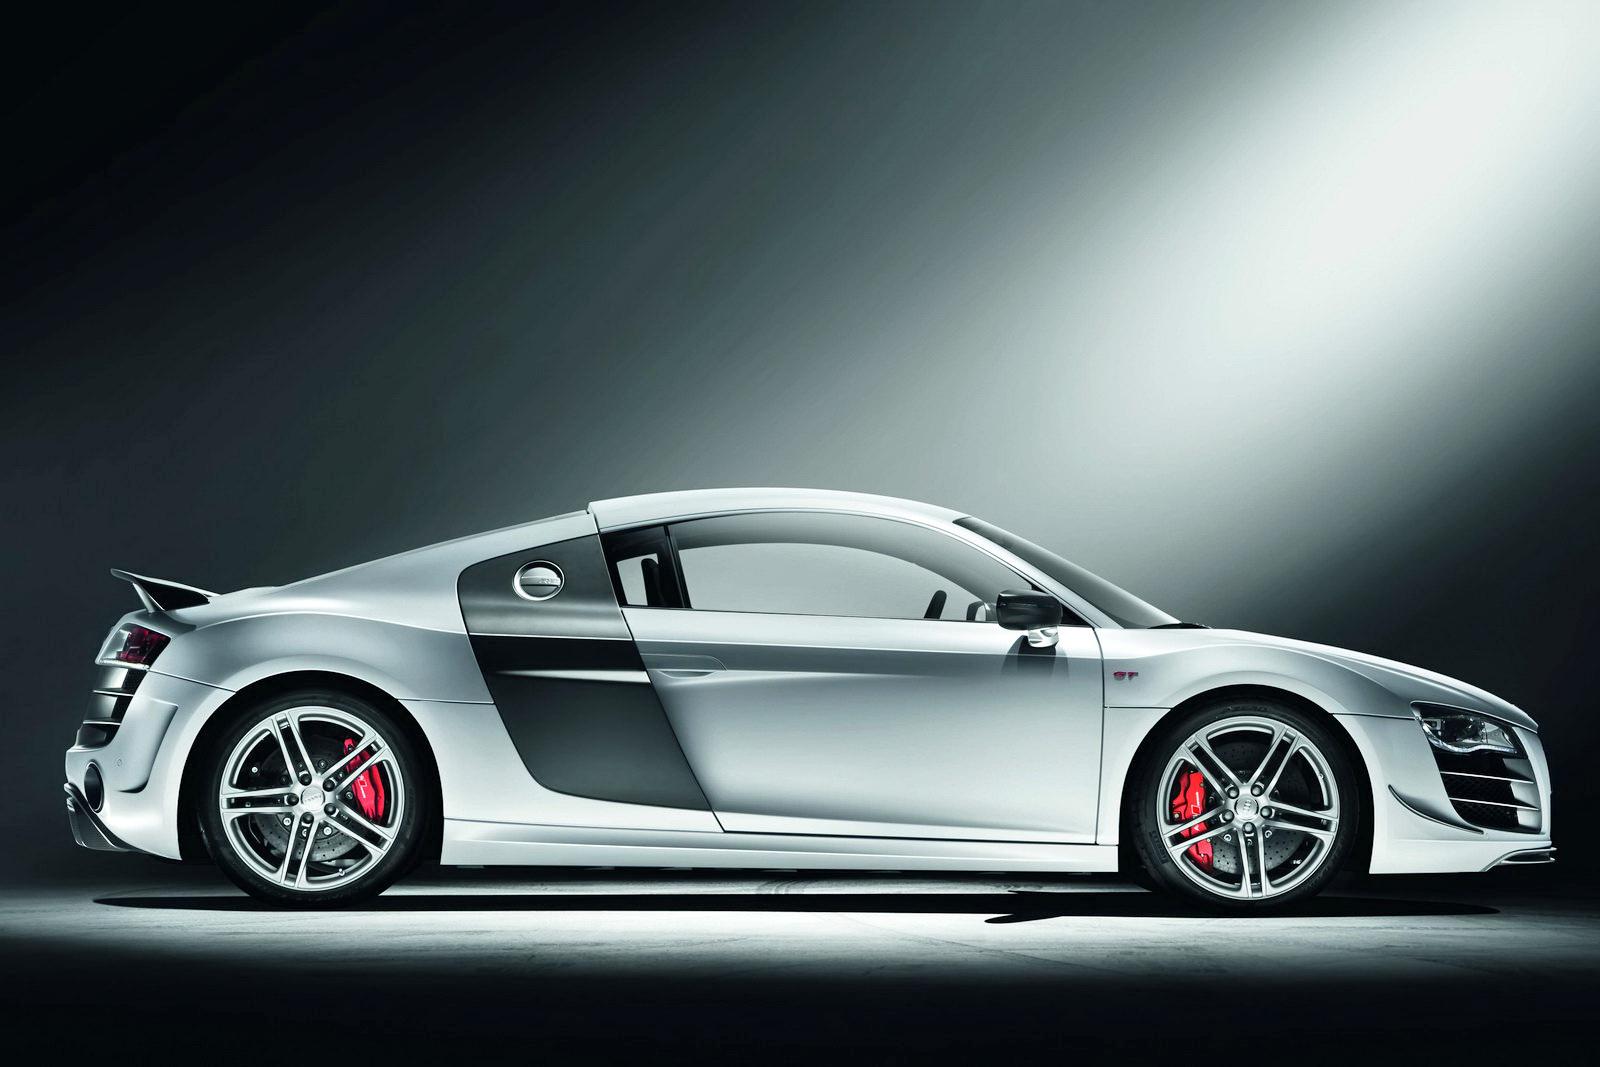 http://3.bp.blogspot.com/_FoXyvaPSnVk/S9yC-A1oGQI/AAAAAAACzak/5WPVYFbc1p8/s1600/Audi-R8-GT-13.JPG